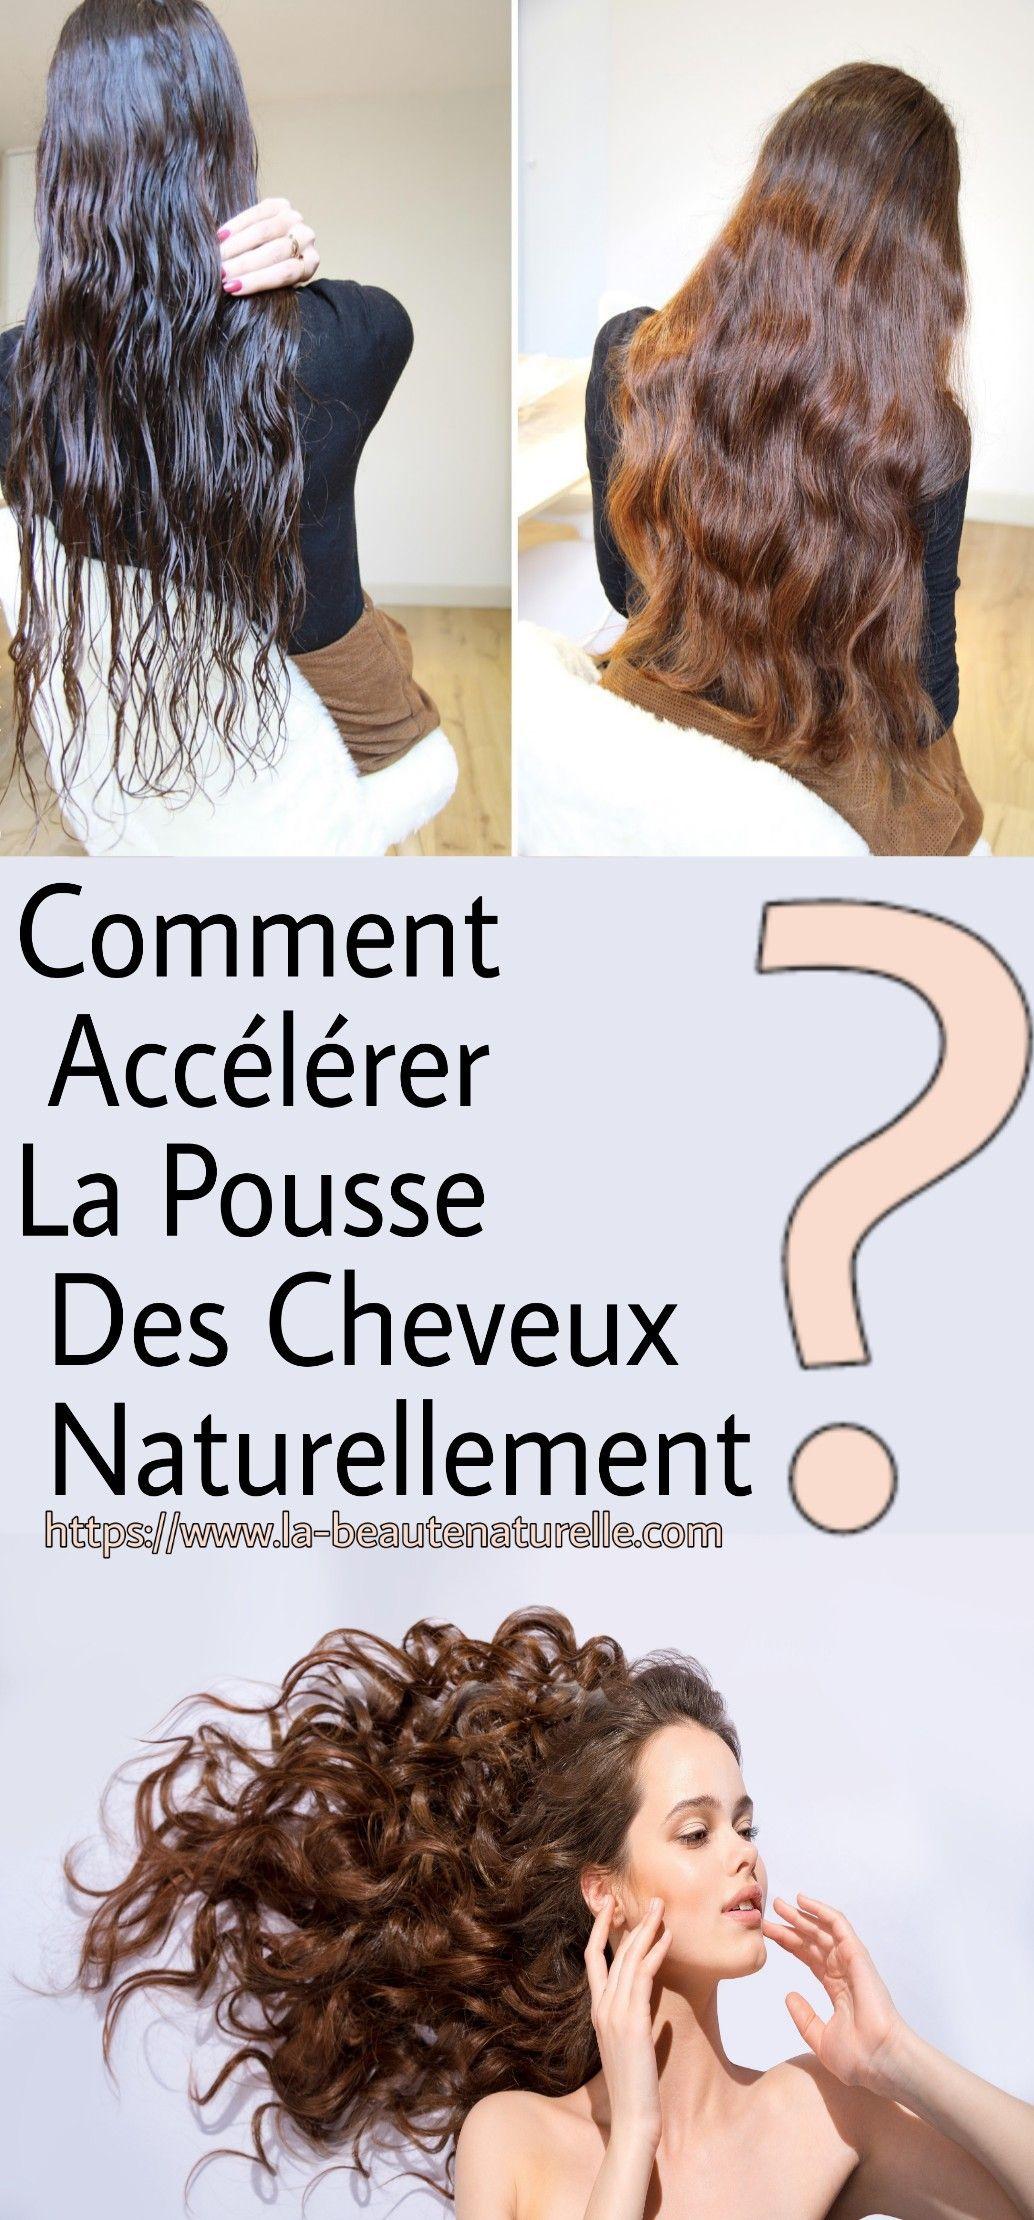 Si Vous Revez D Avoir Des Cheveux Plus Longs Et Plus Sains Je Vous Conseille De Ne Pas Rater Cette Natural Hair Growth Accelerate Hair Growth Long Hair Styles